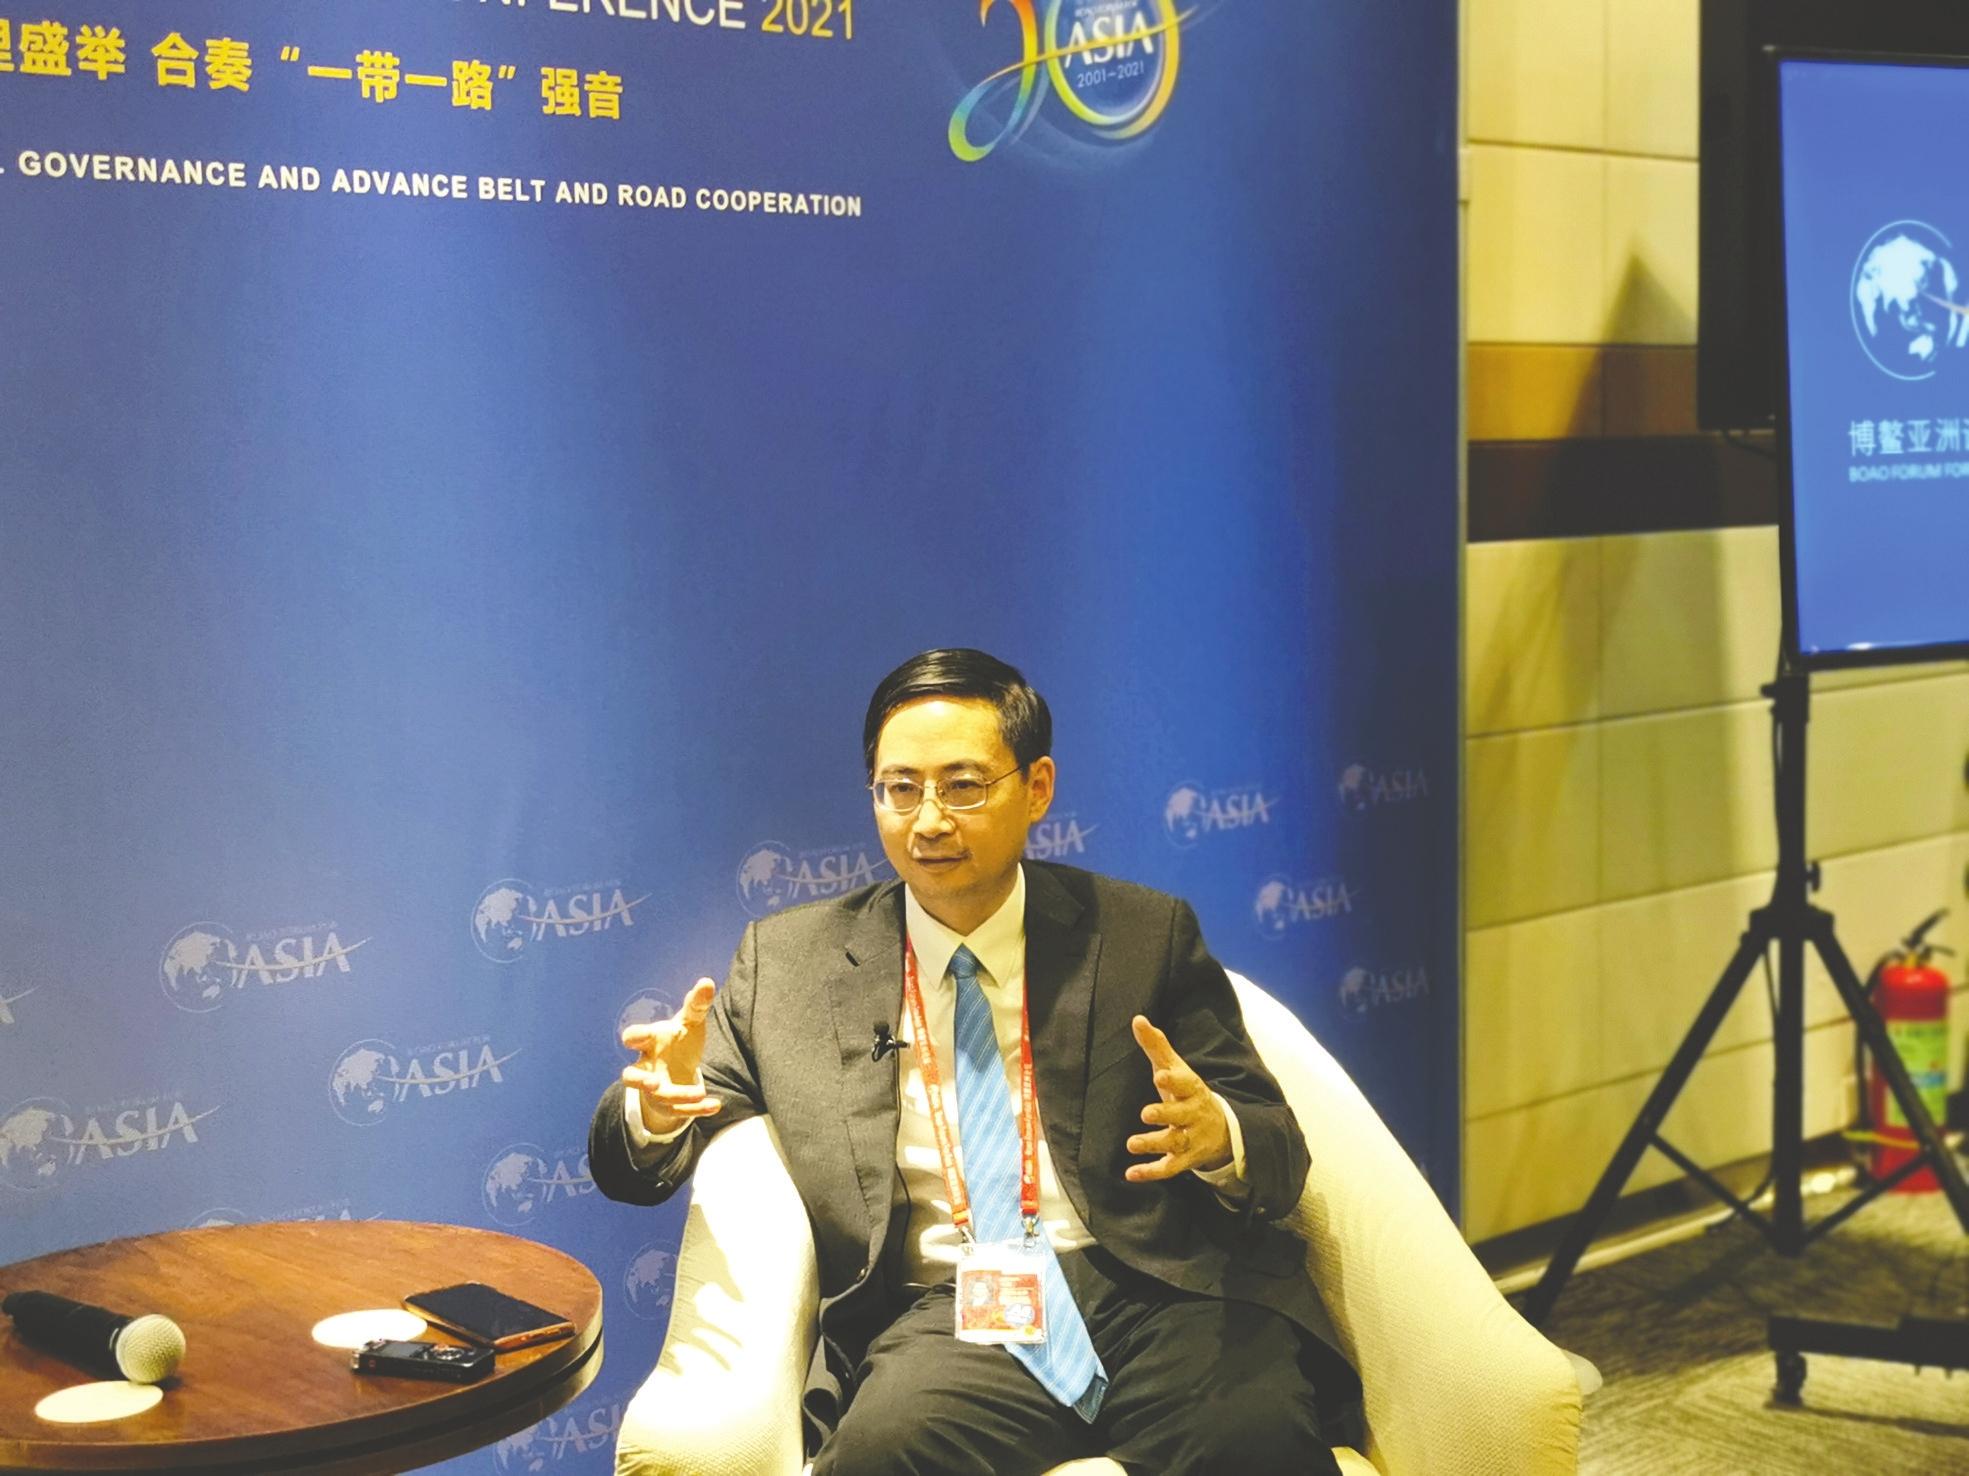 中国金融学会马军博ao回答所有问题:未来30年国内低碳投资可能达到数千亿美元  中国金融  马军  绿色金融_新浪科技_Sina.com